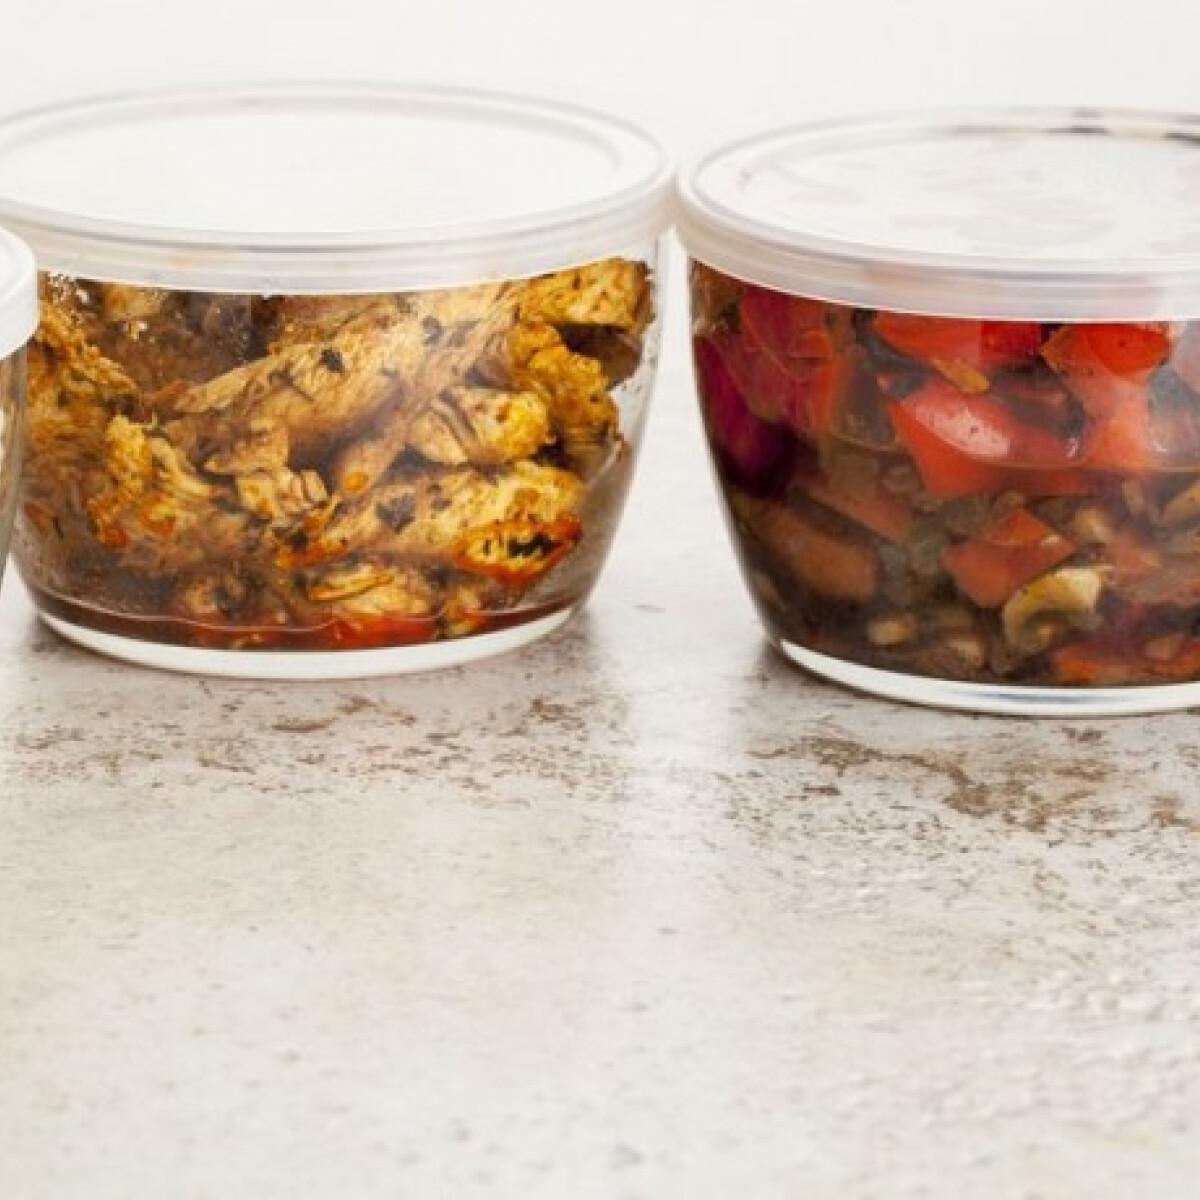 5 tipp, hogy használd fel az ételmaradékokat okosan